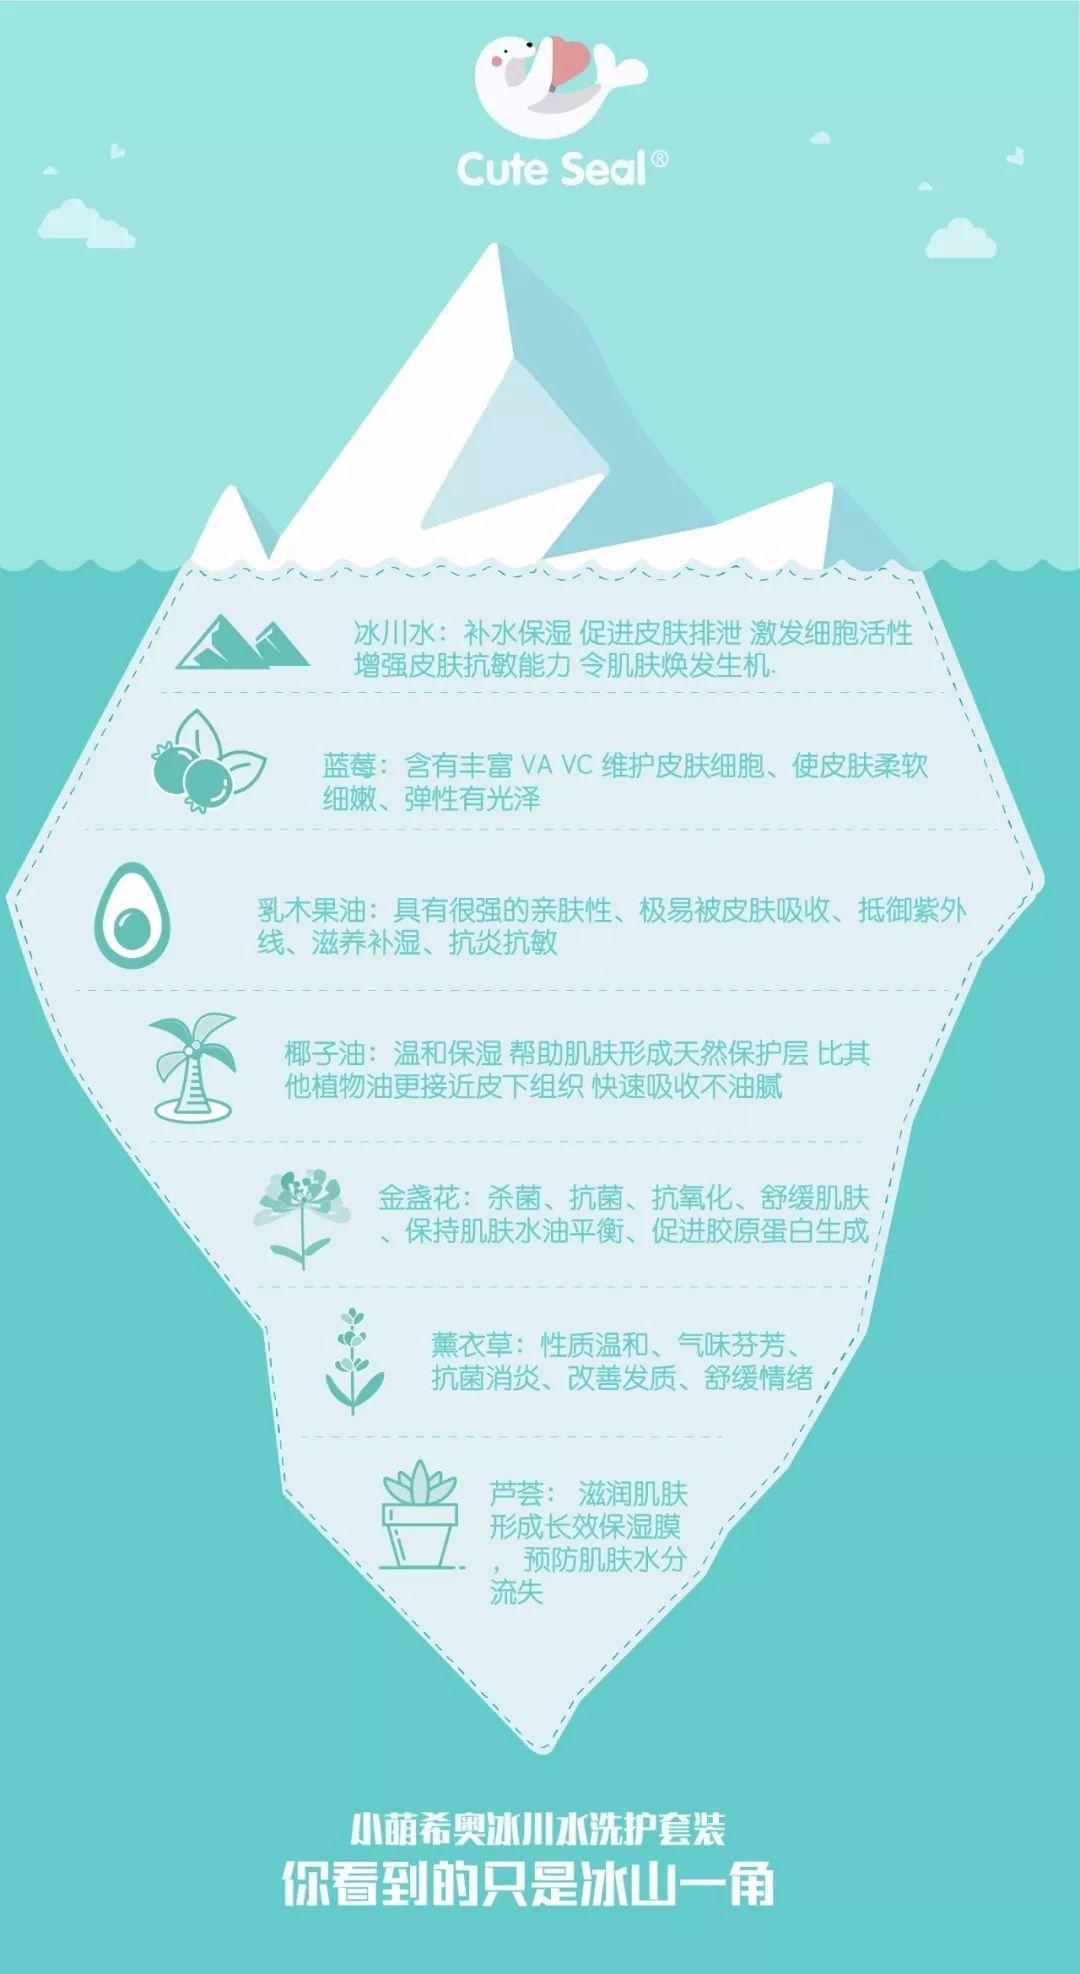 """新品上市丨颜值爆表,小萌希奥冰川水洗护系列上线1分钟被抢光!8大有机认证,让宝宝全身肌肤喝""""水中钻石饮"""""""